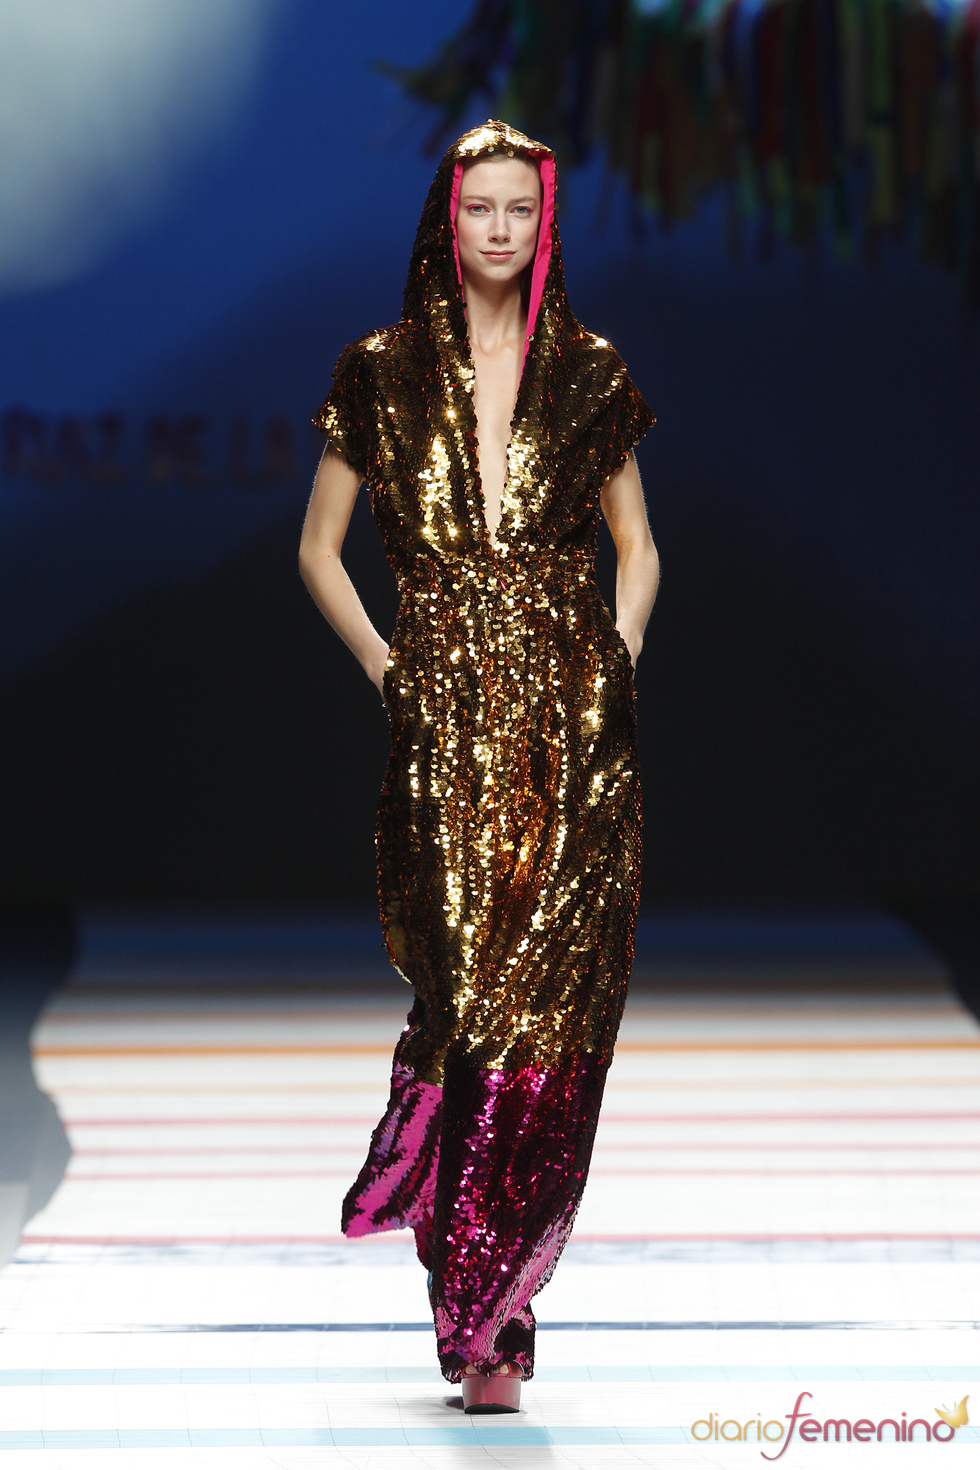 Modelo de Ágatha Ruiz de la Prada para una noche de fiesta